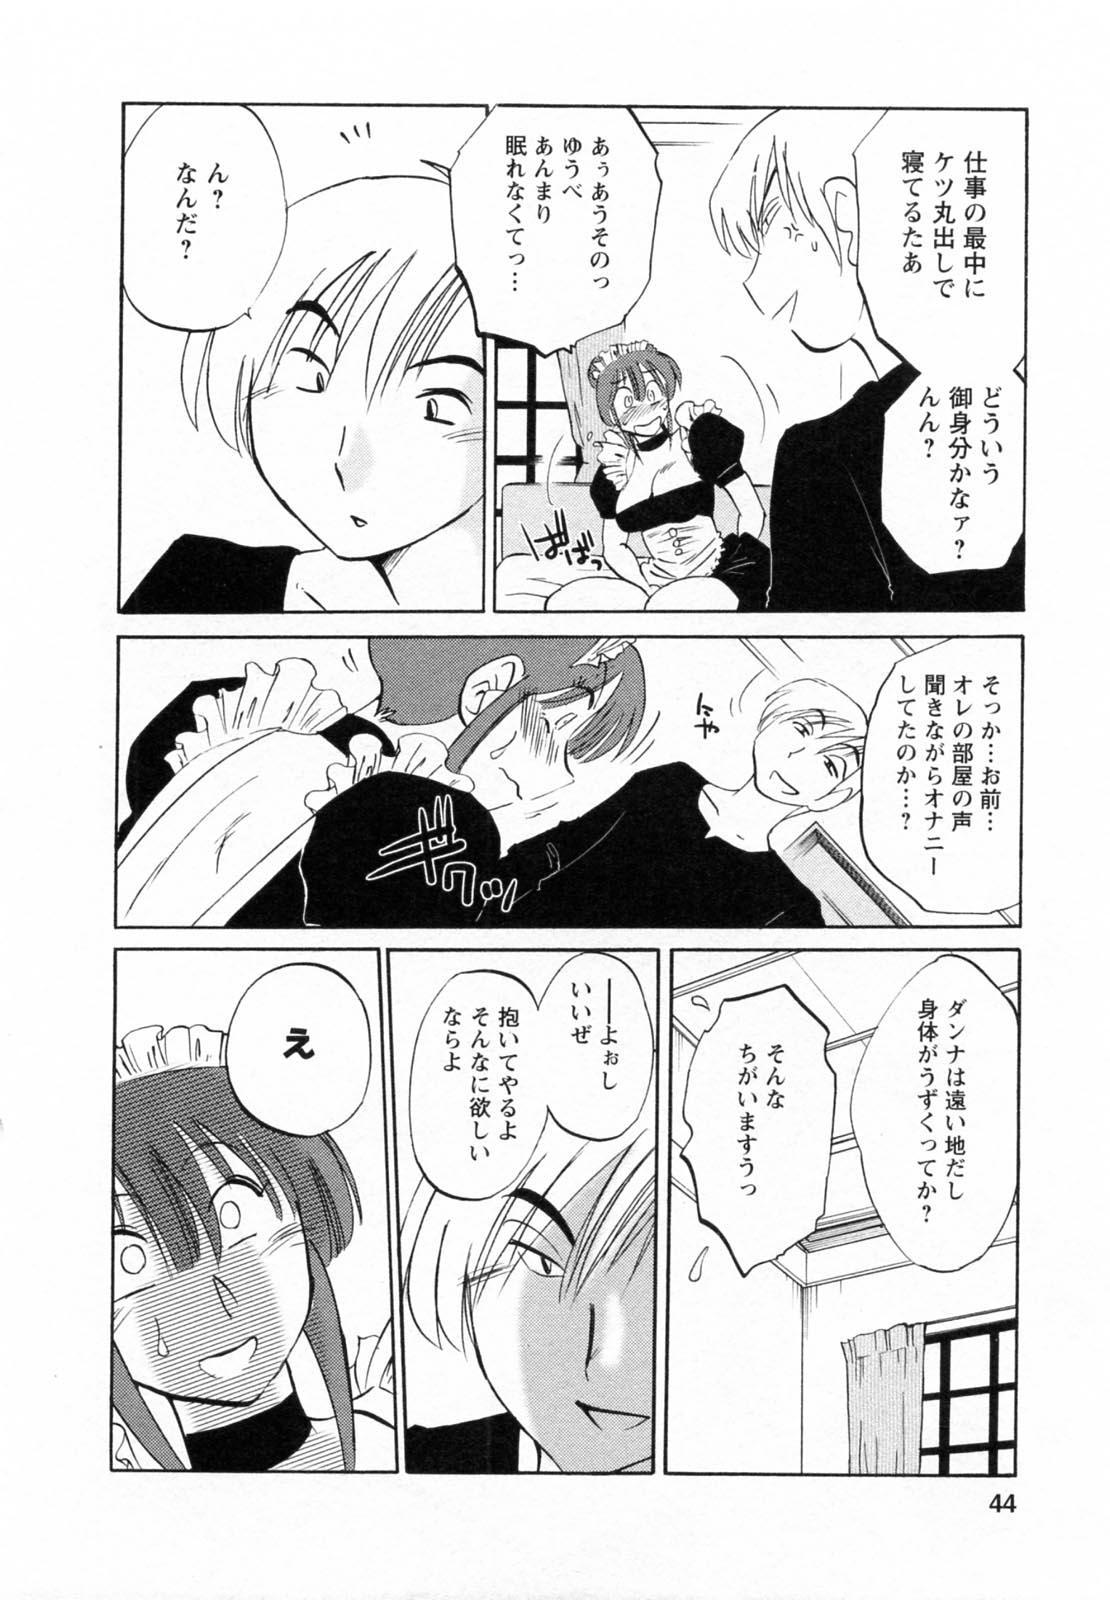 Maid no Mitsukosan Vol.1 43